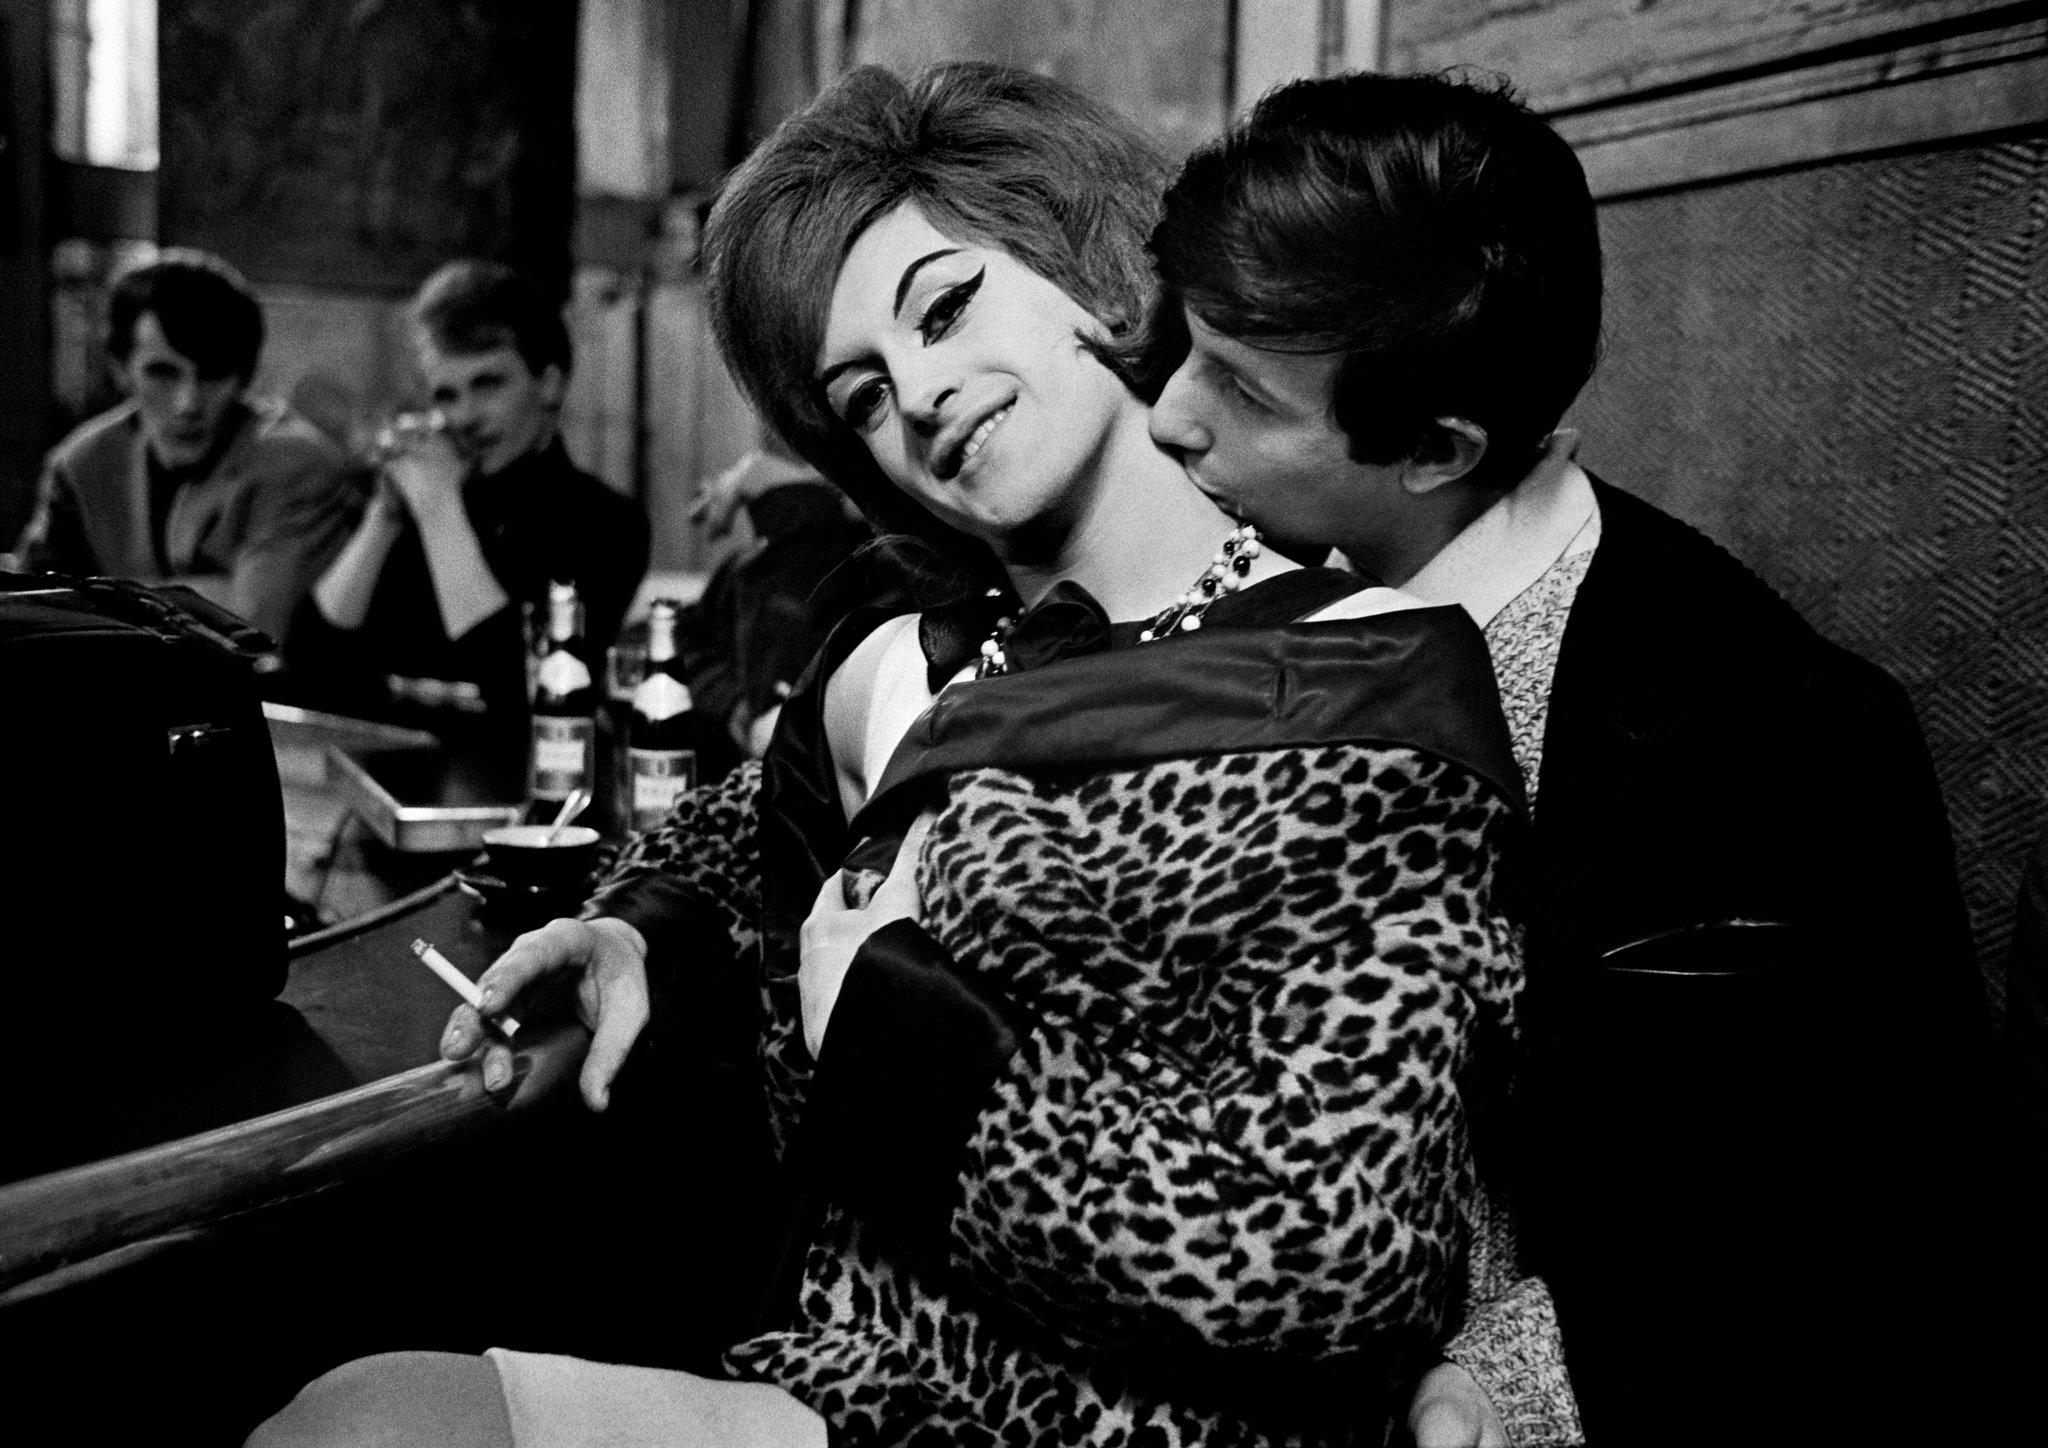 Carla et Zizou à la Brasserie Graff. Paris, 1963. © Christer Strömholm Estate/Agence VU